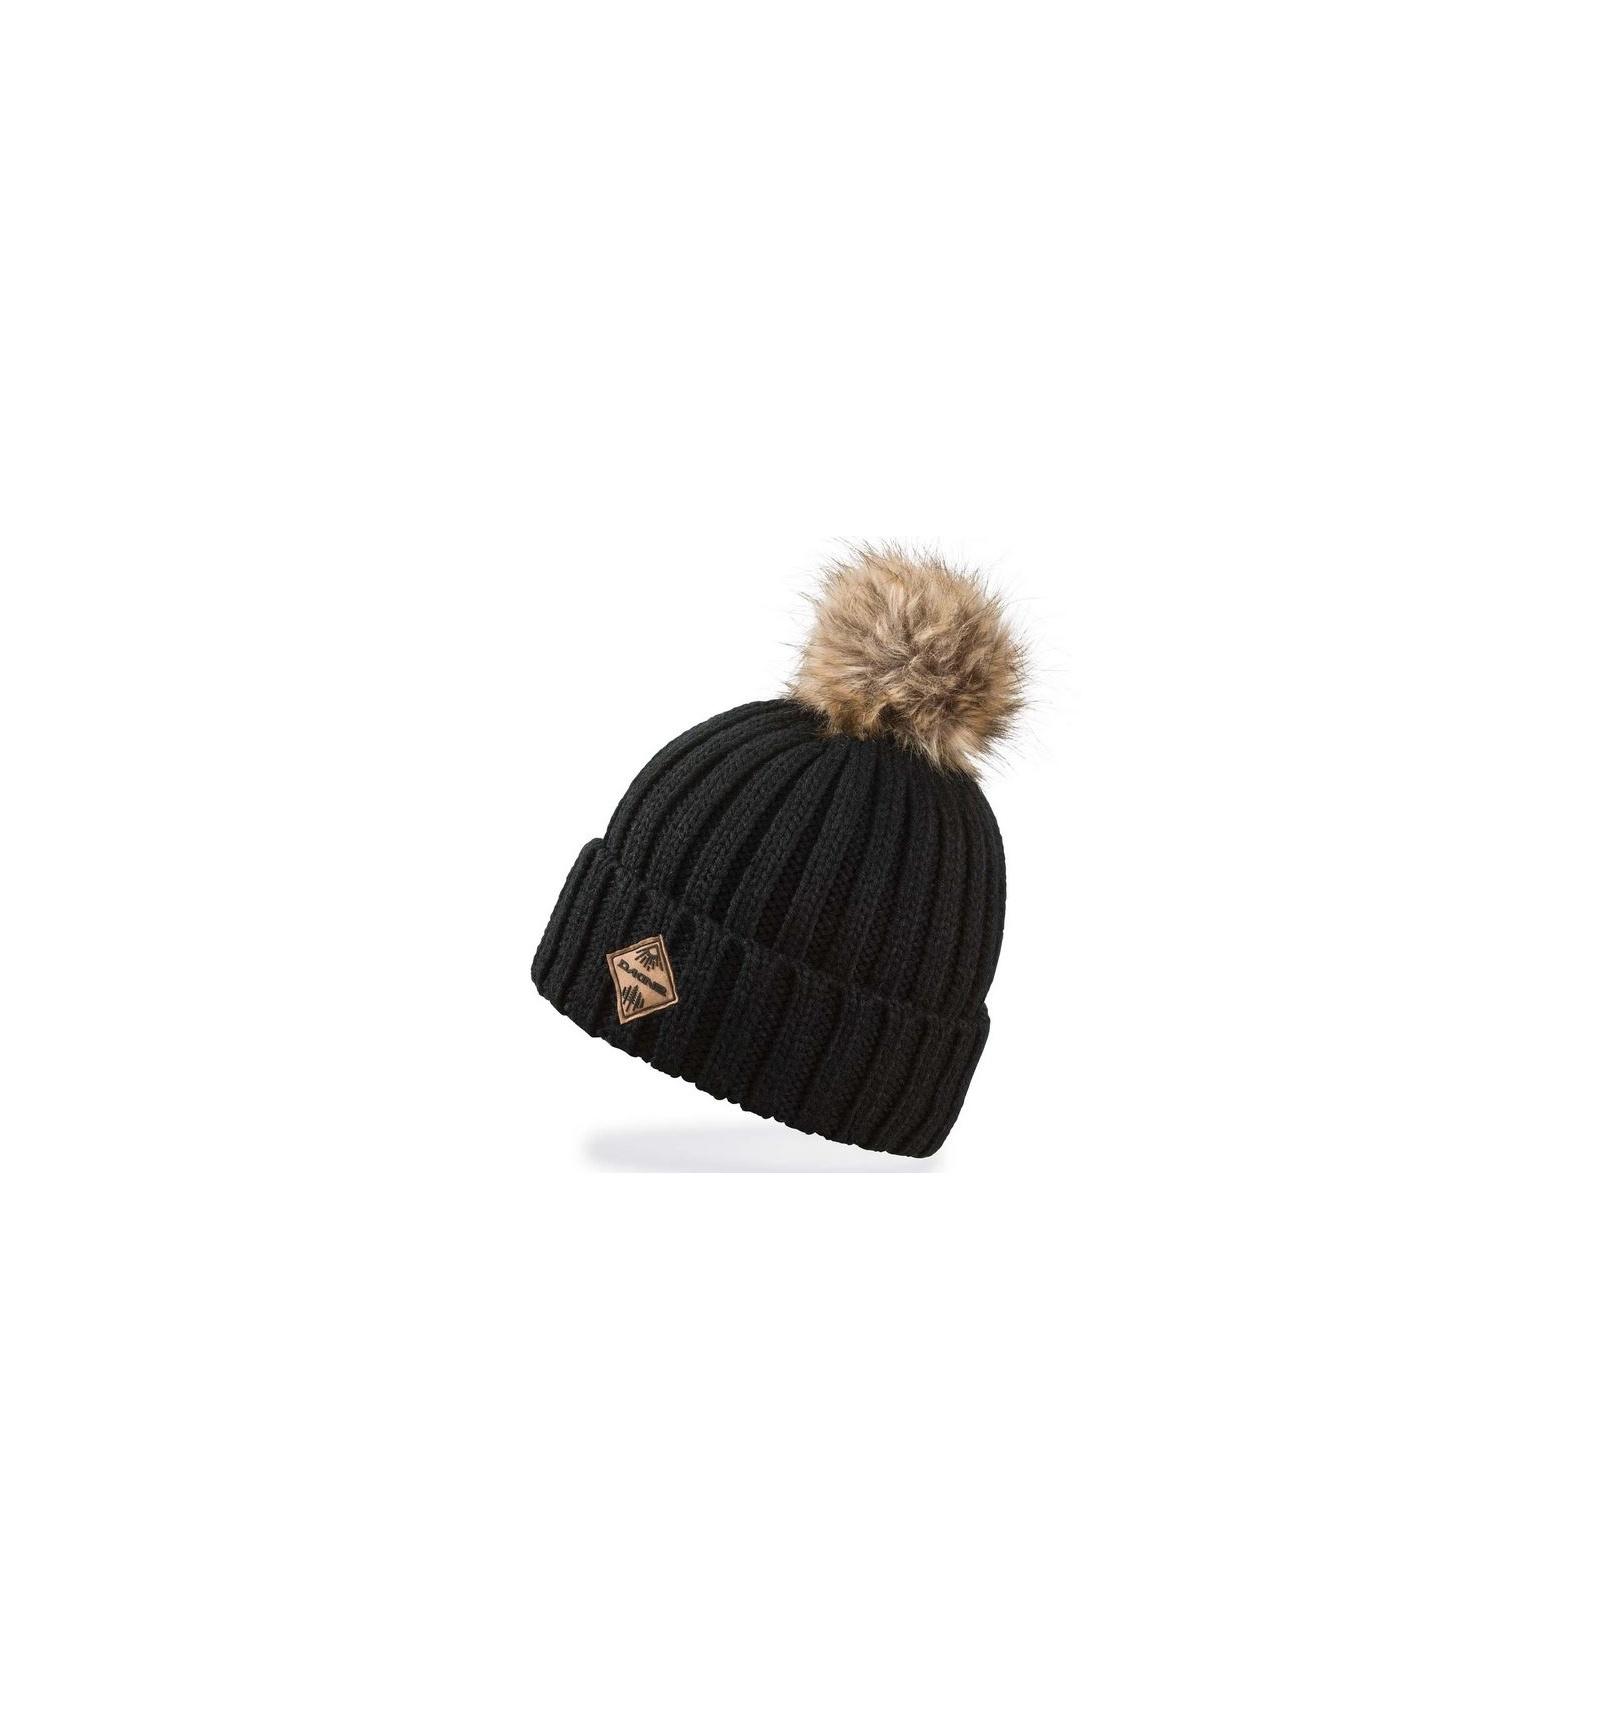 Bonnet femme DAKINE Kylie - Couleurs disponibles  Russet, Black ... 92424338c4a